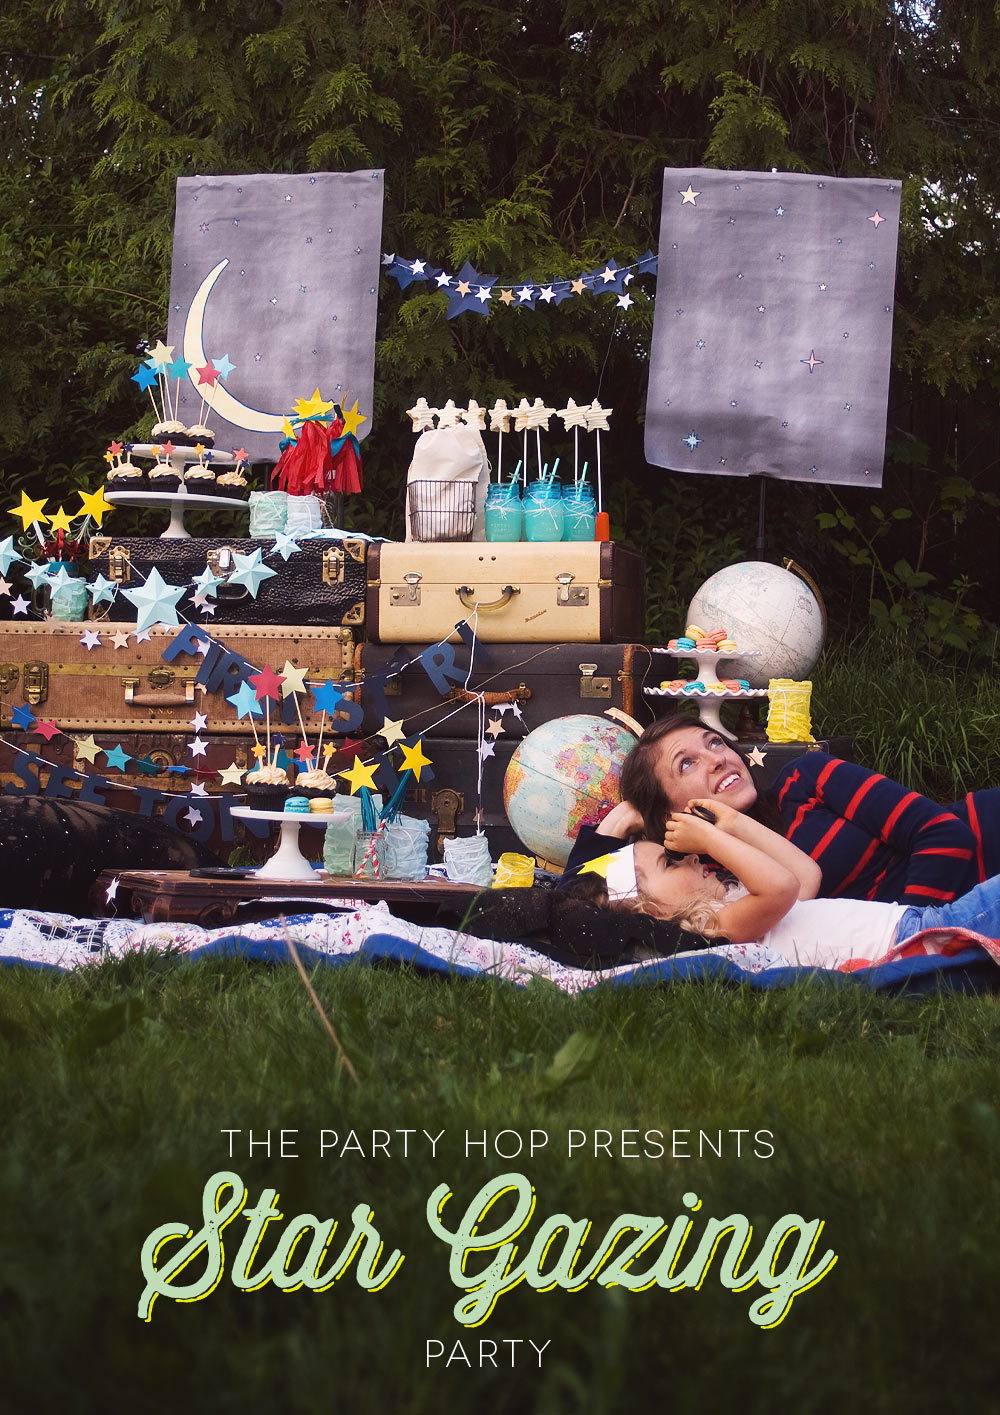 thepartyhop-stargazing-01 (1)